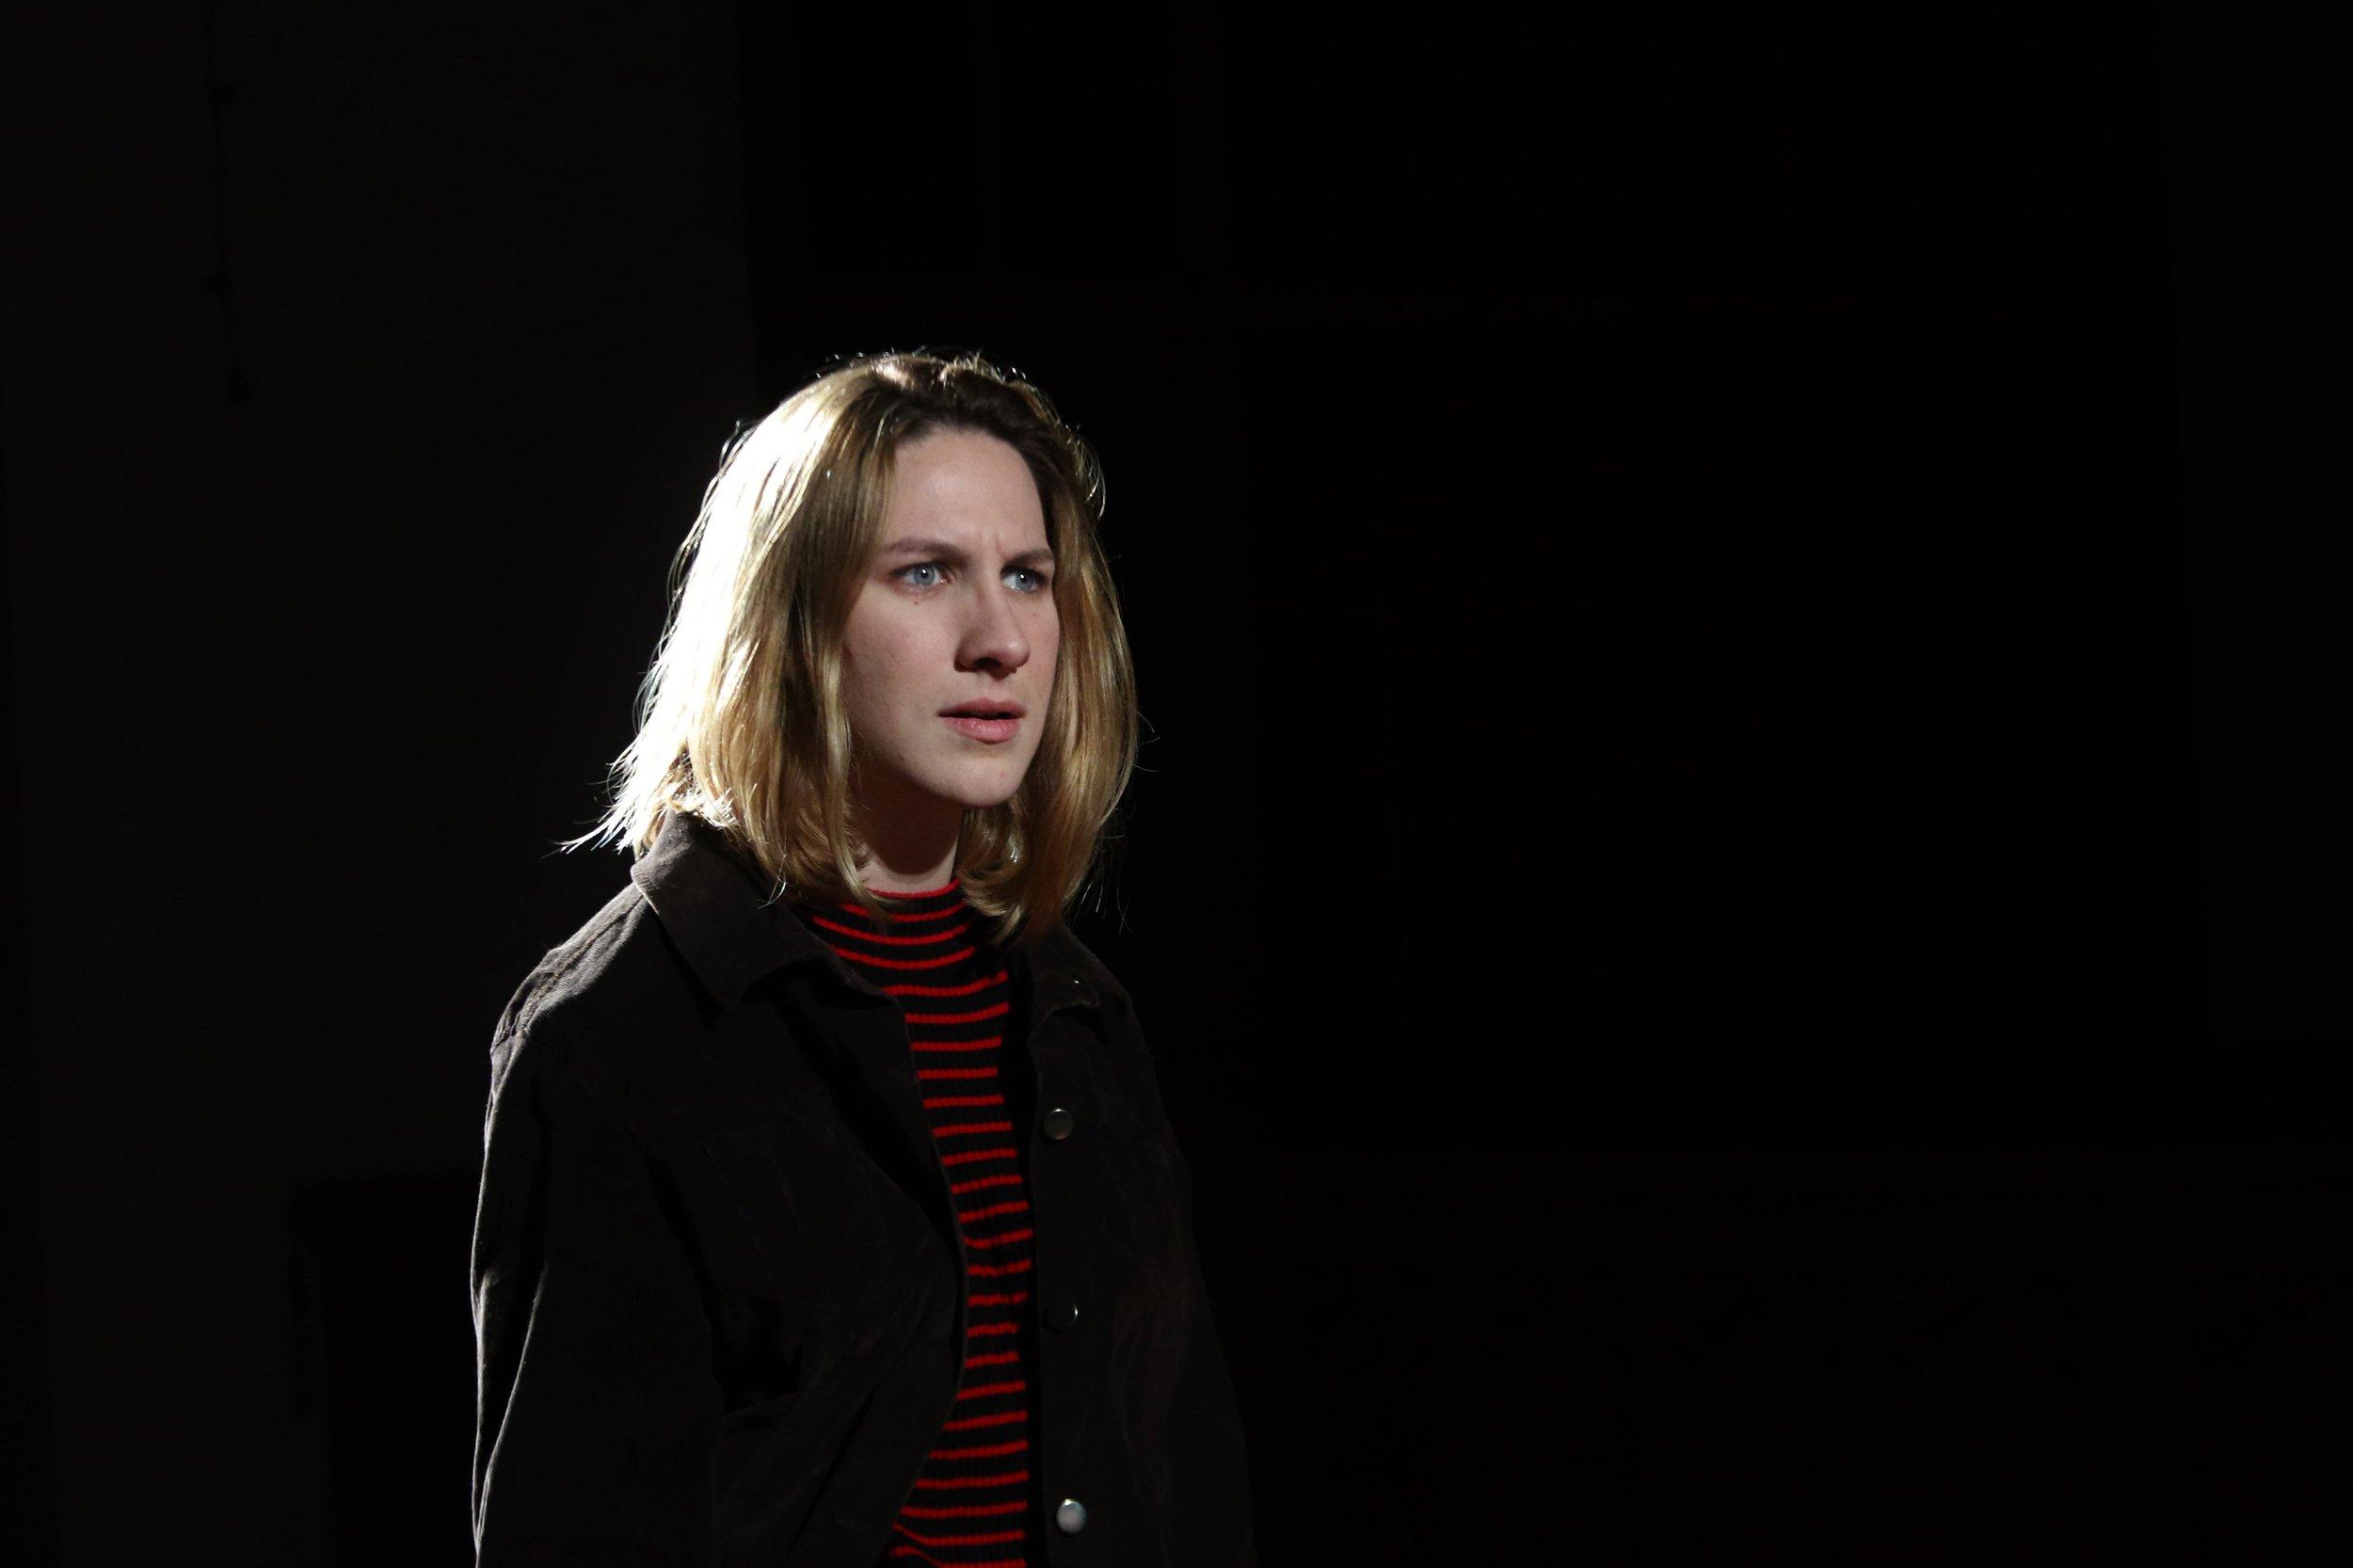 Caitlin Carbone as Hamlet